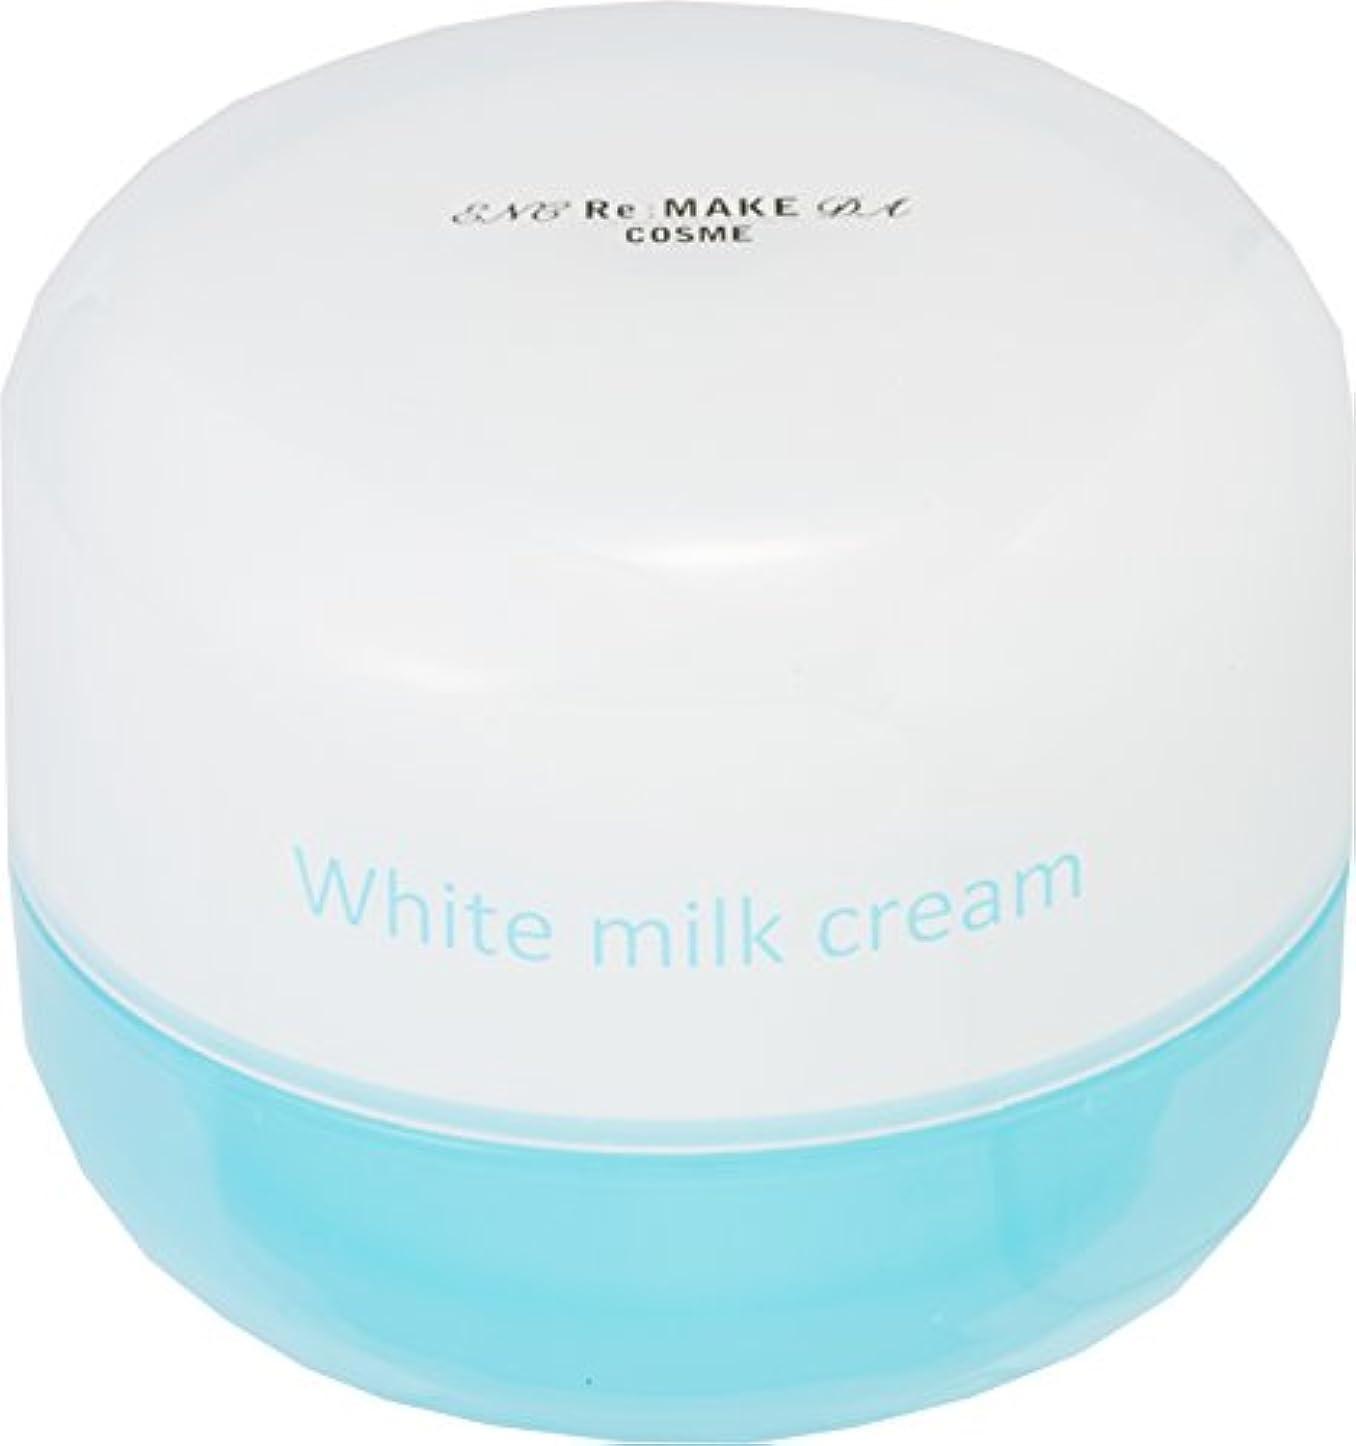 ことわざ肖像画少年ホワイトミルククリーム